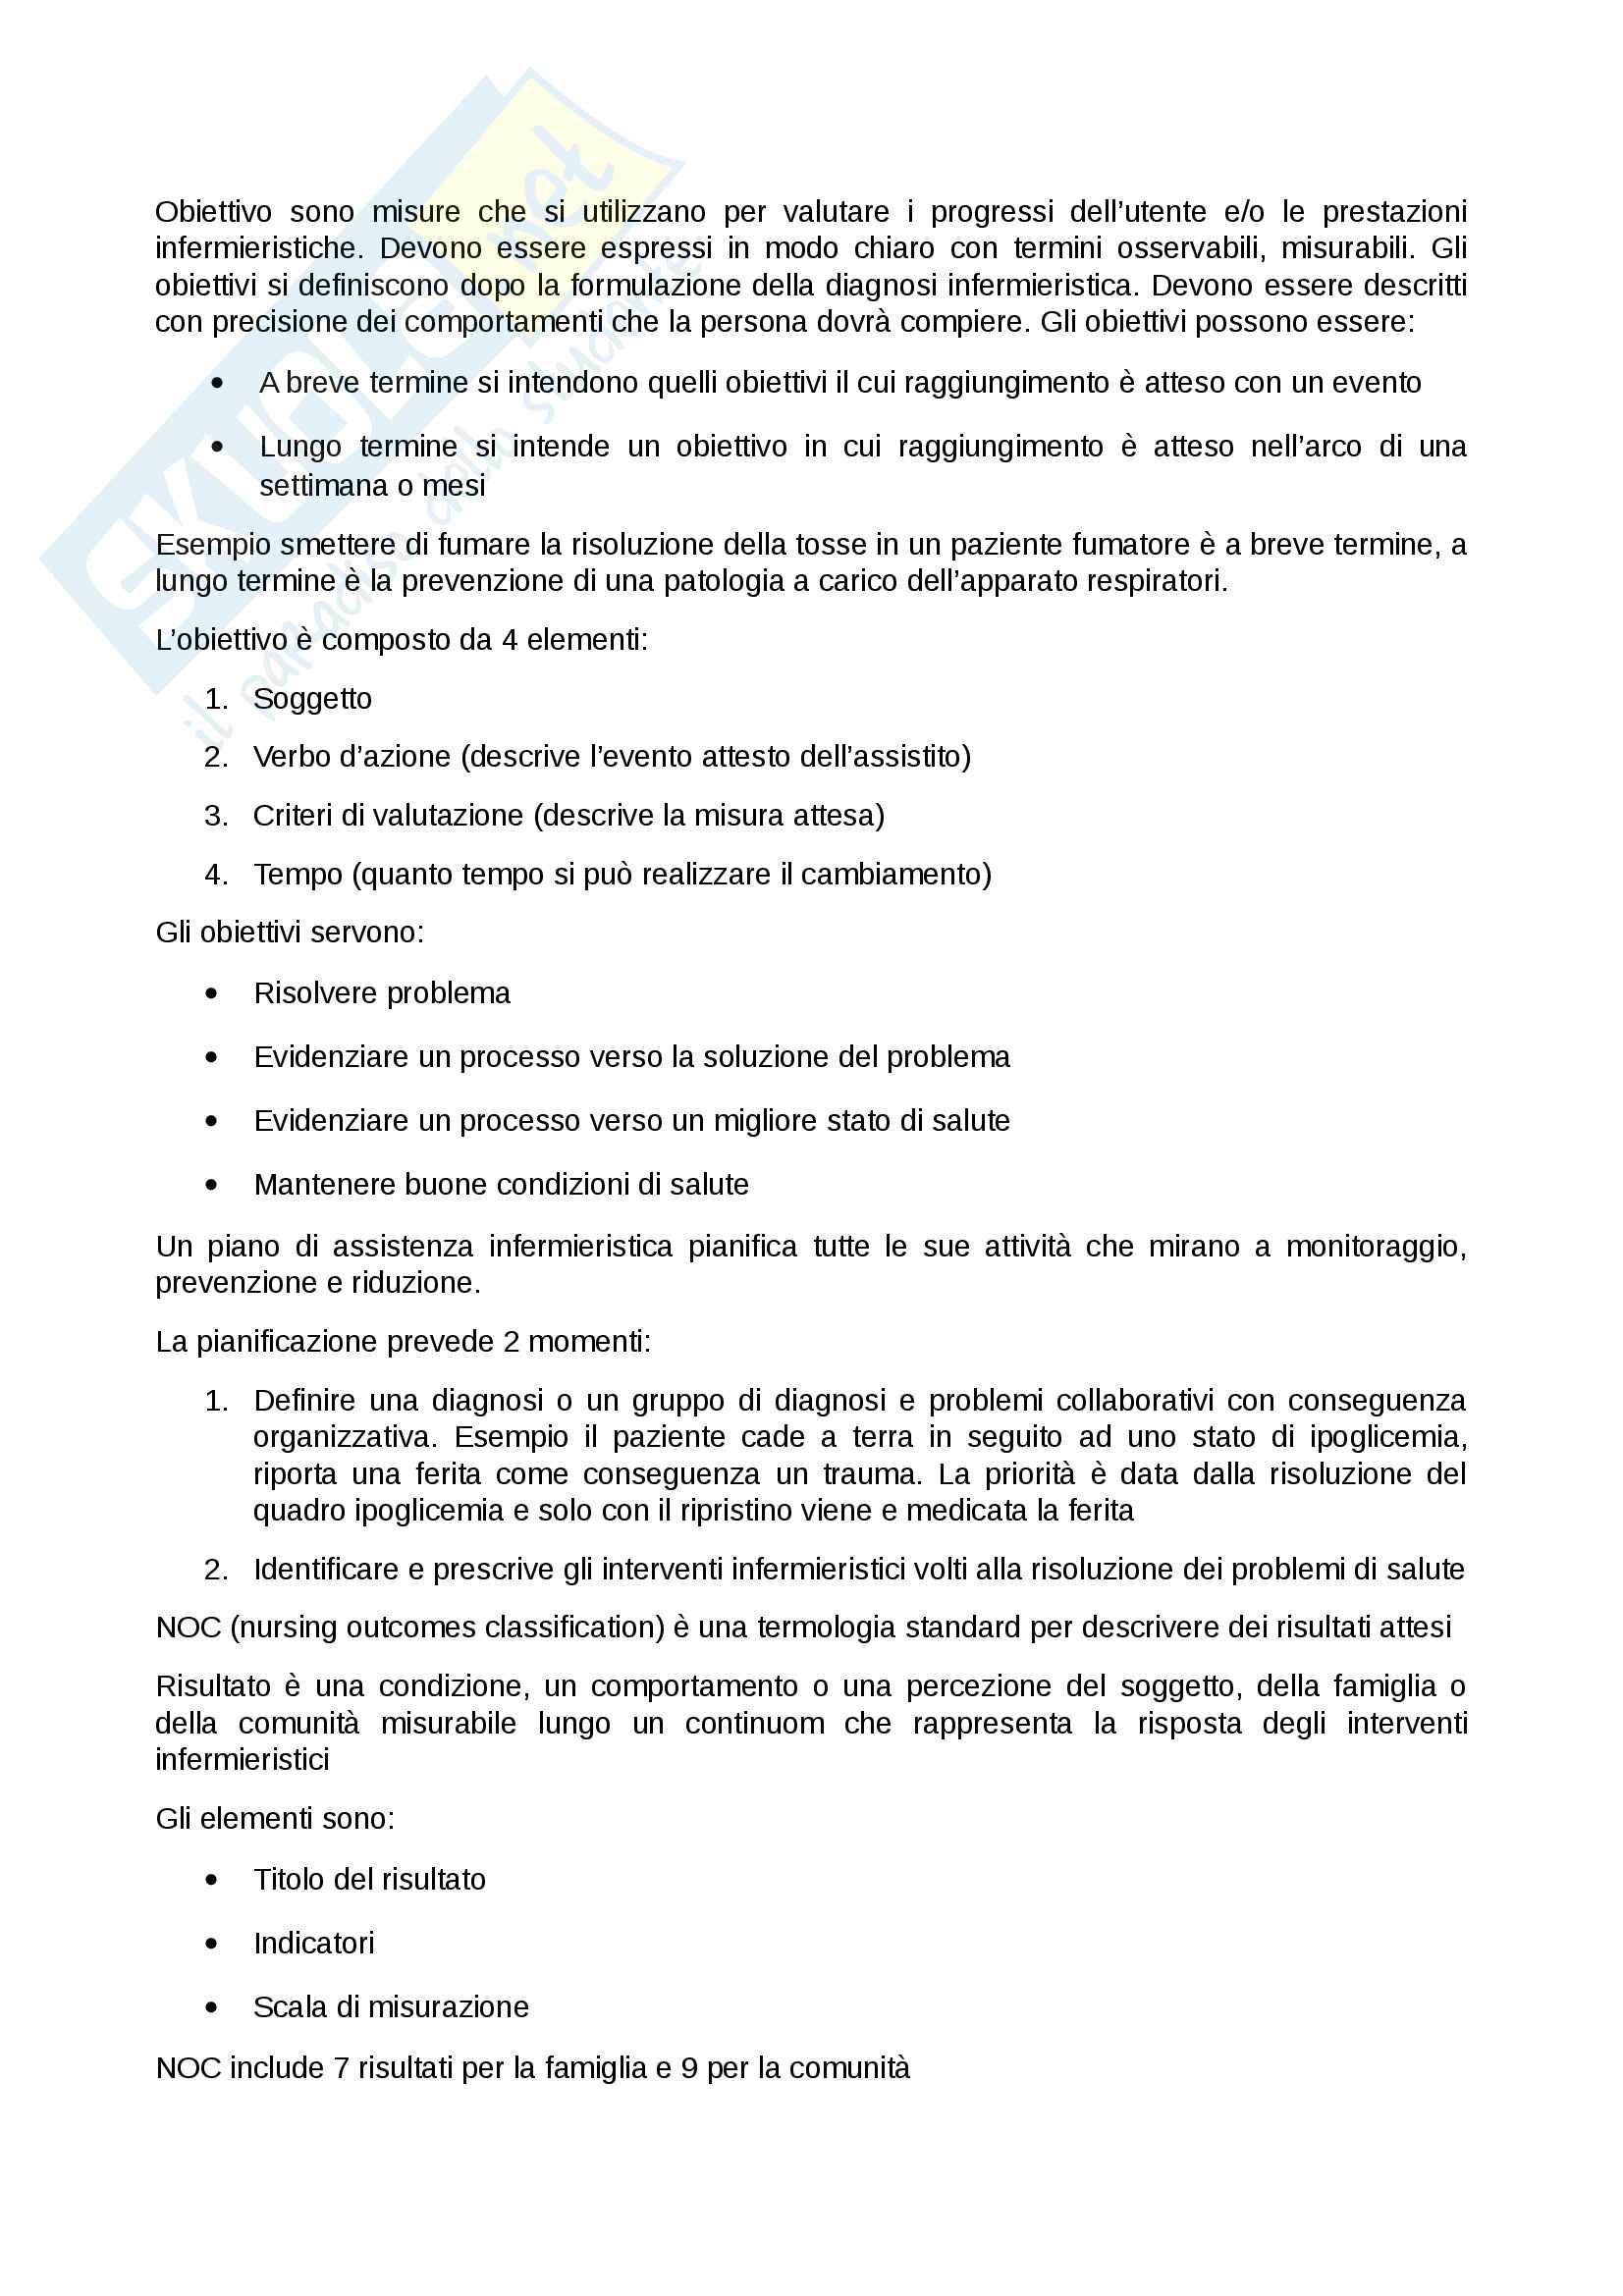 Processo infermieristico Pag. 6